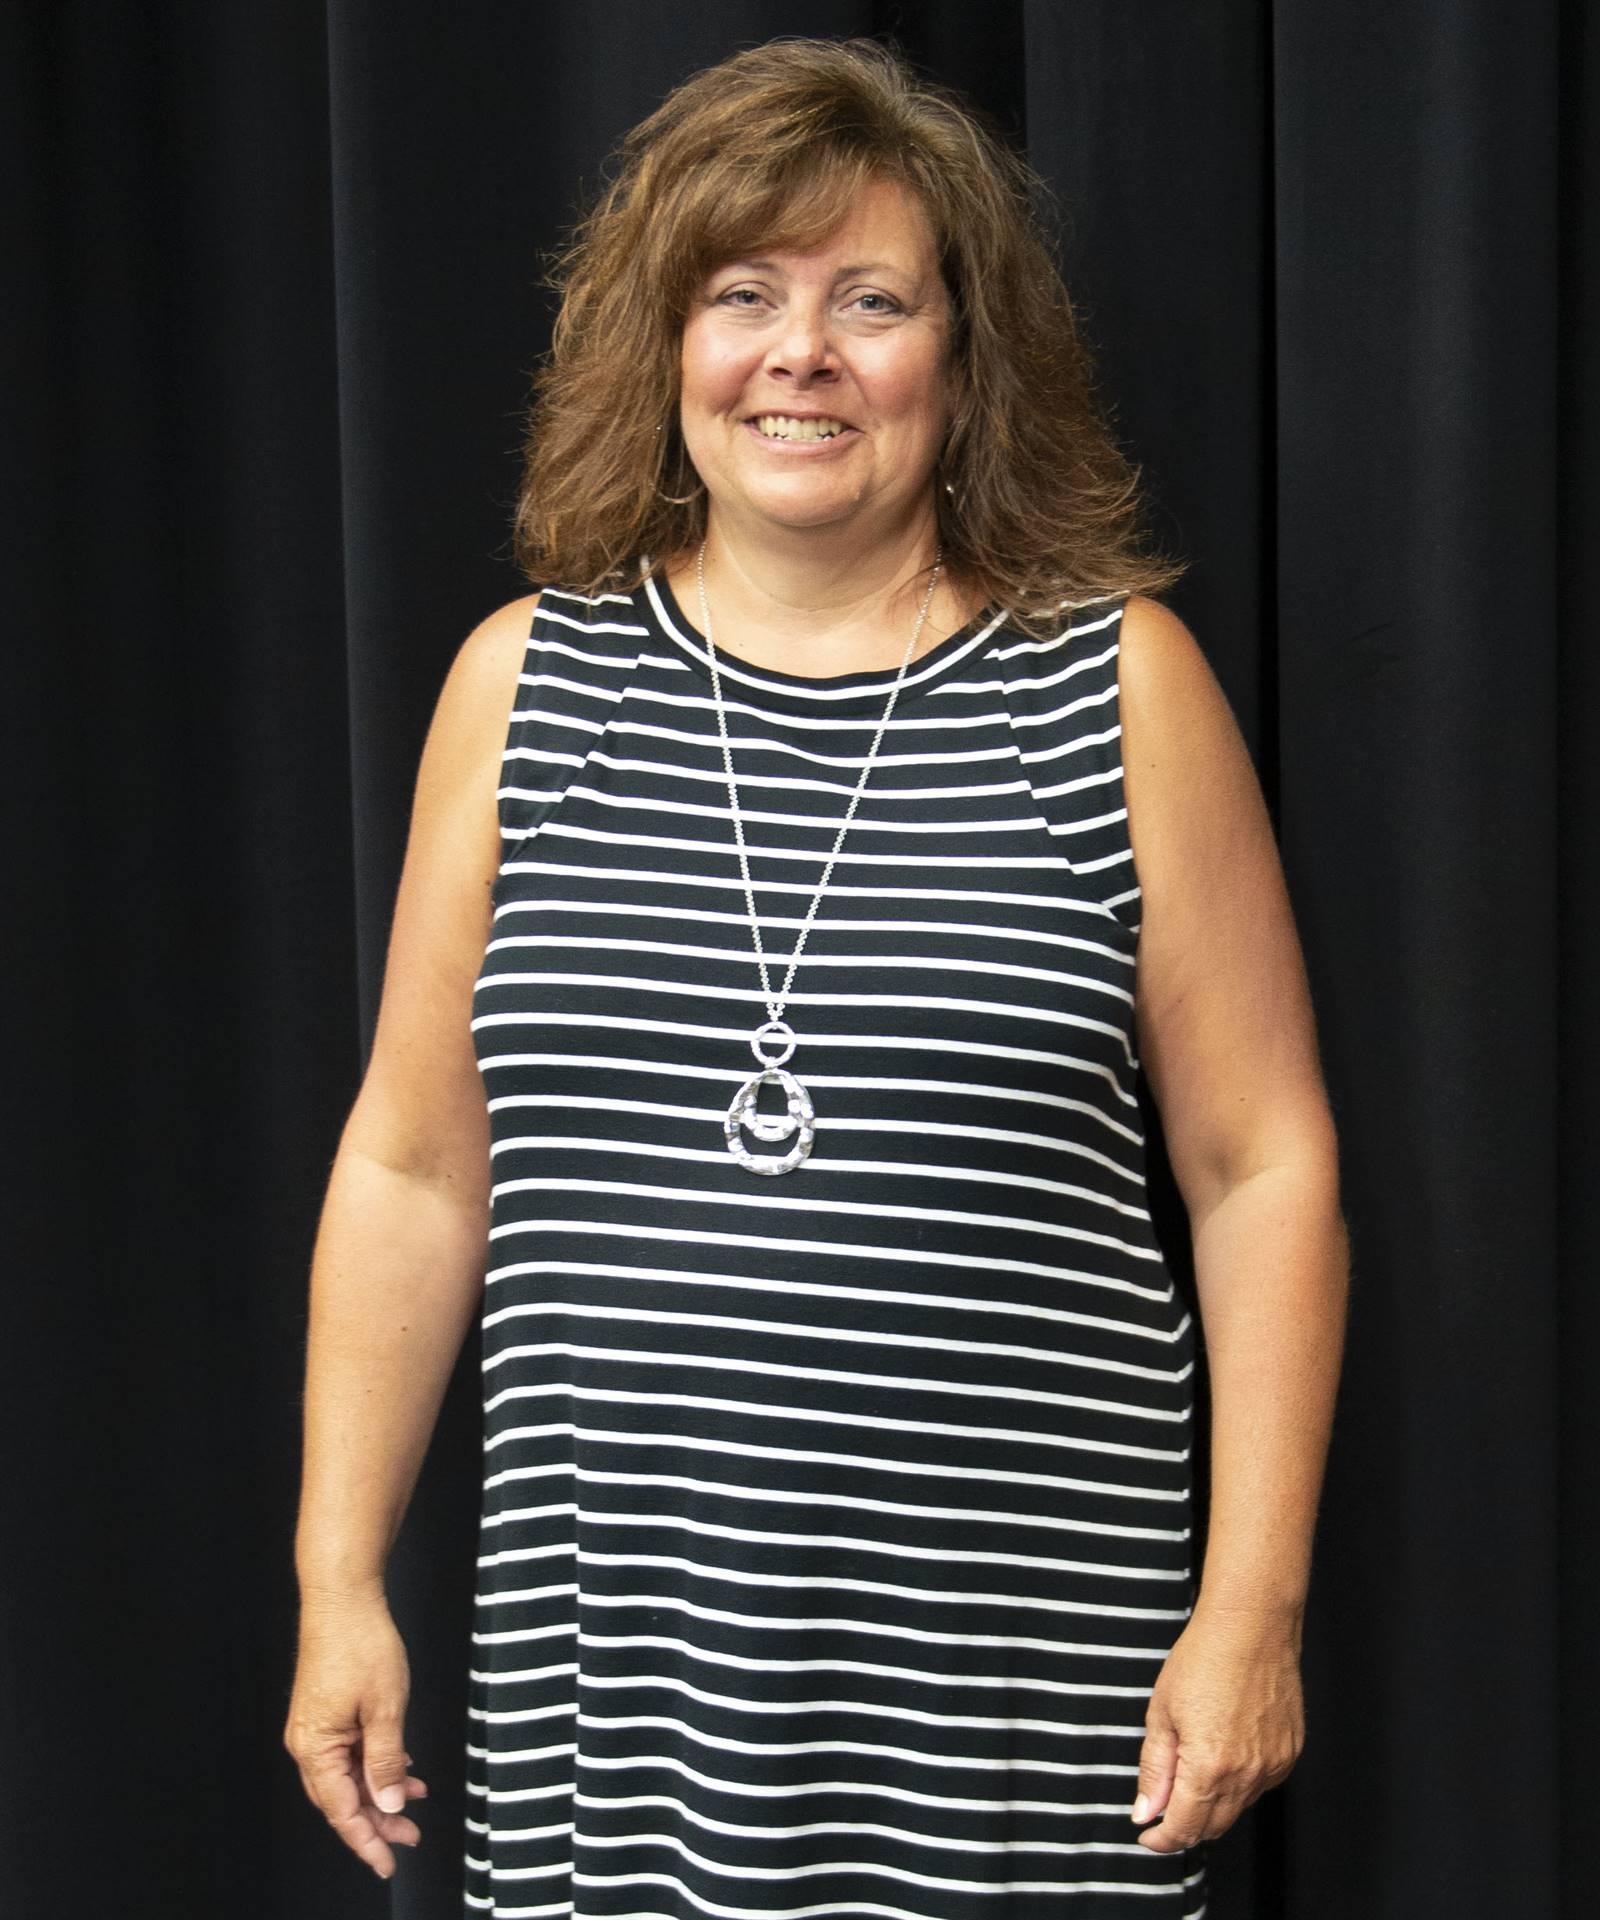 Mrs. Nicole Bible - nicolebible@goquips.org